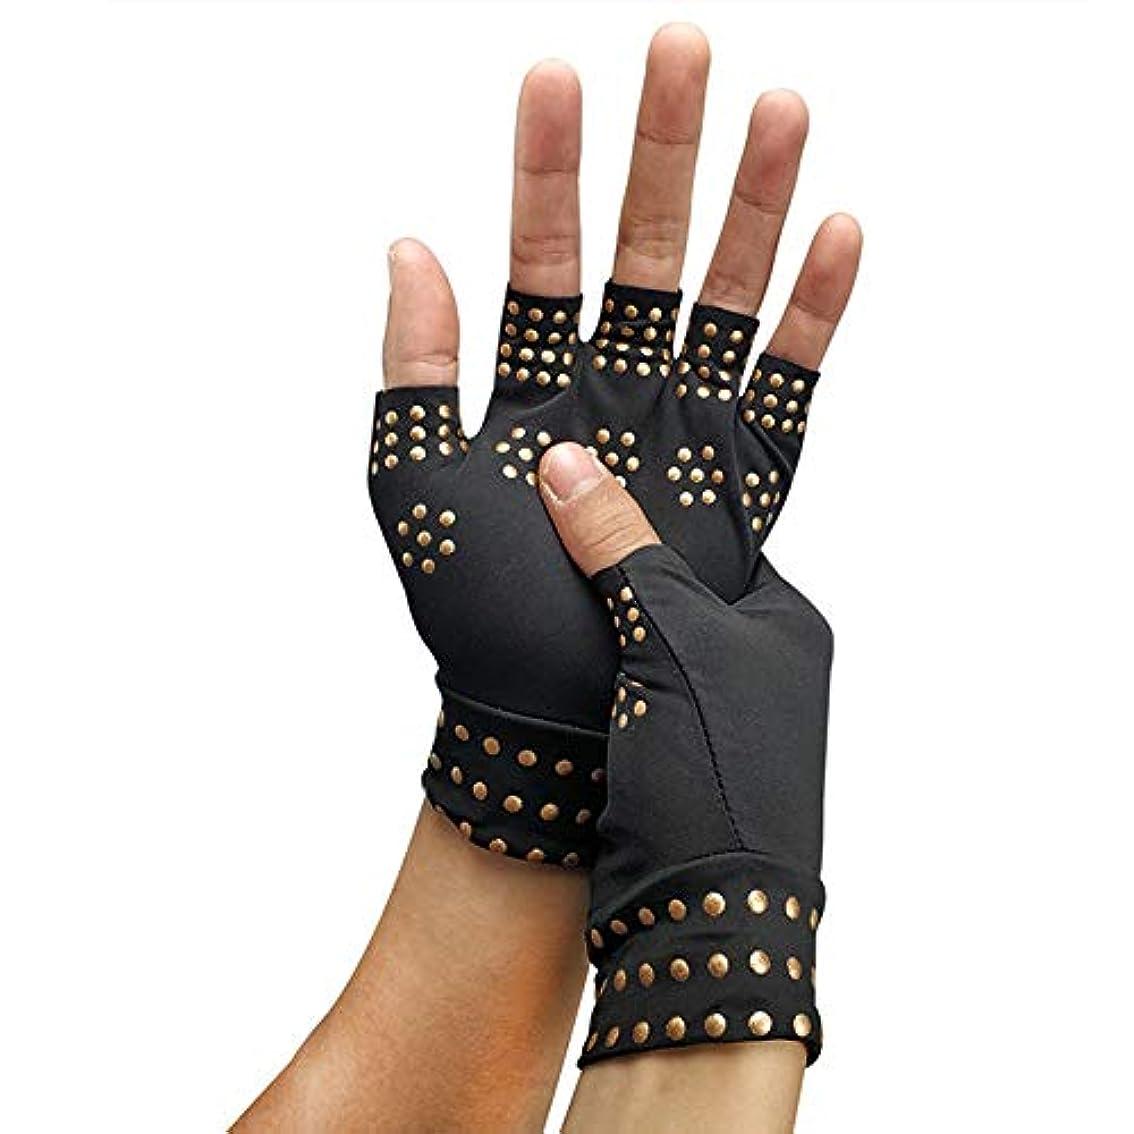 ゲート慣習論理的圧迫関節炎の手袋、圧縮関節炎グローブ   ハーフフィンガープレッシャーグローブデイリーケアストレスヘルスケアグローブ関節炎痛みの軽減(3個)